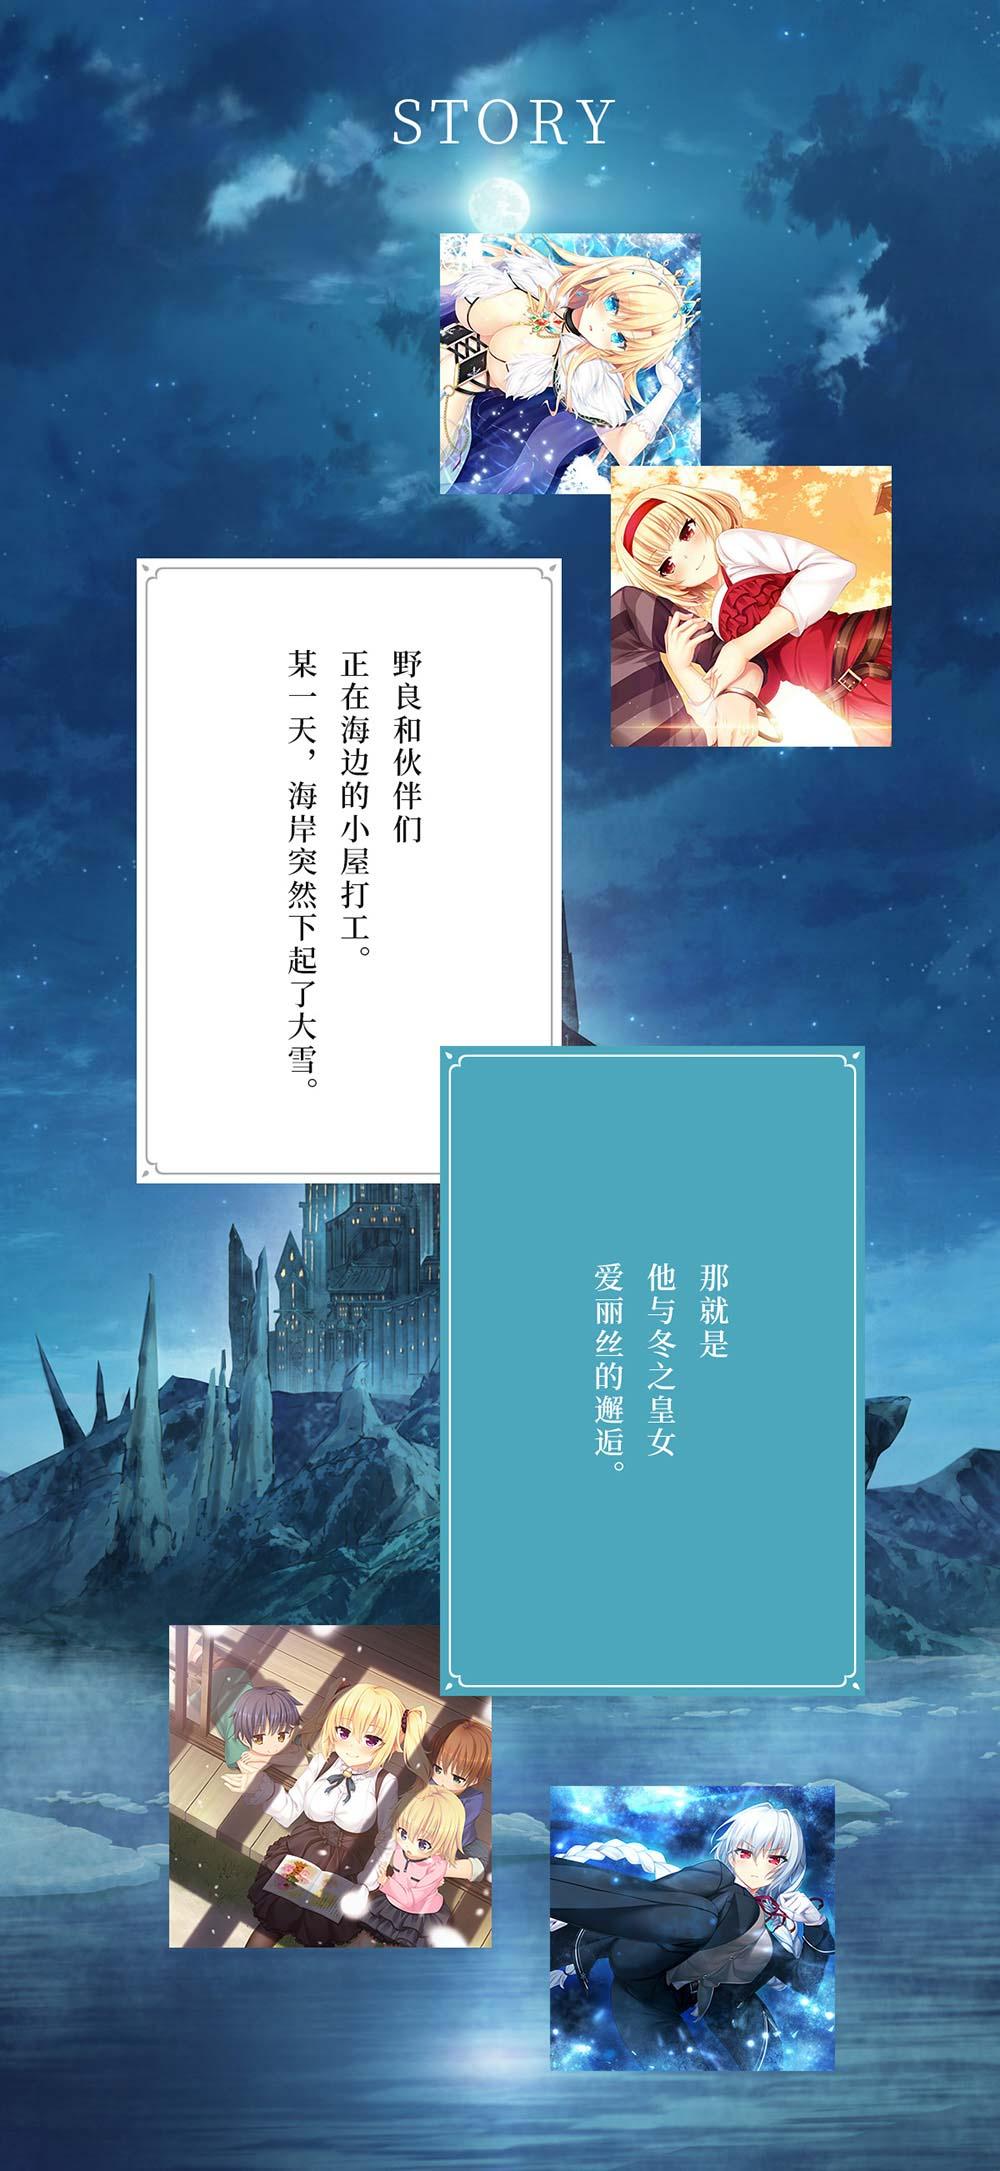 故事介绍-2.jpg